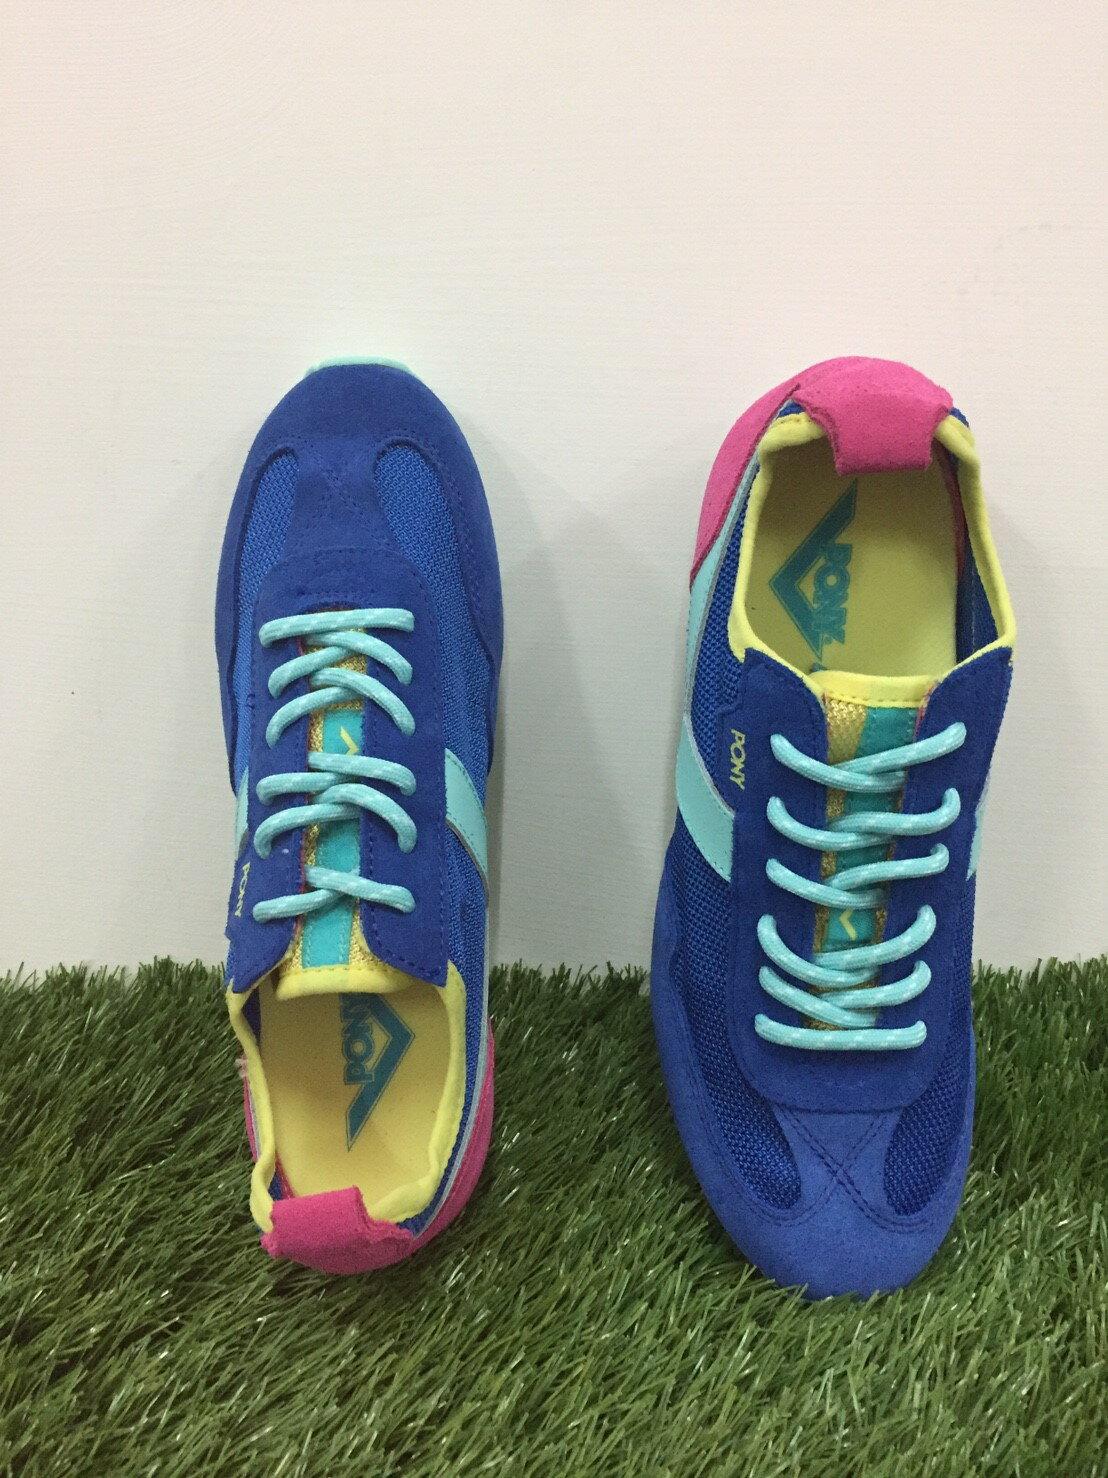 ★限時特價990元★ Shoestw【53W1MY63BL】PONY 復古慢跑鞋 寶藍水藍粉色 女生 1